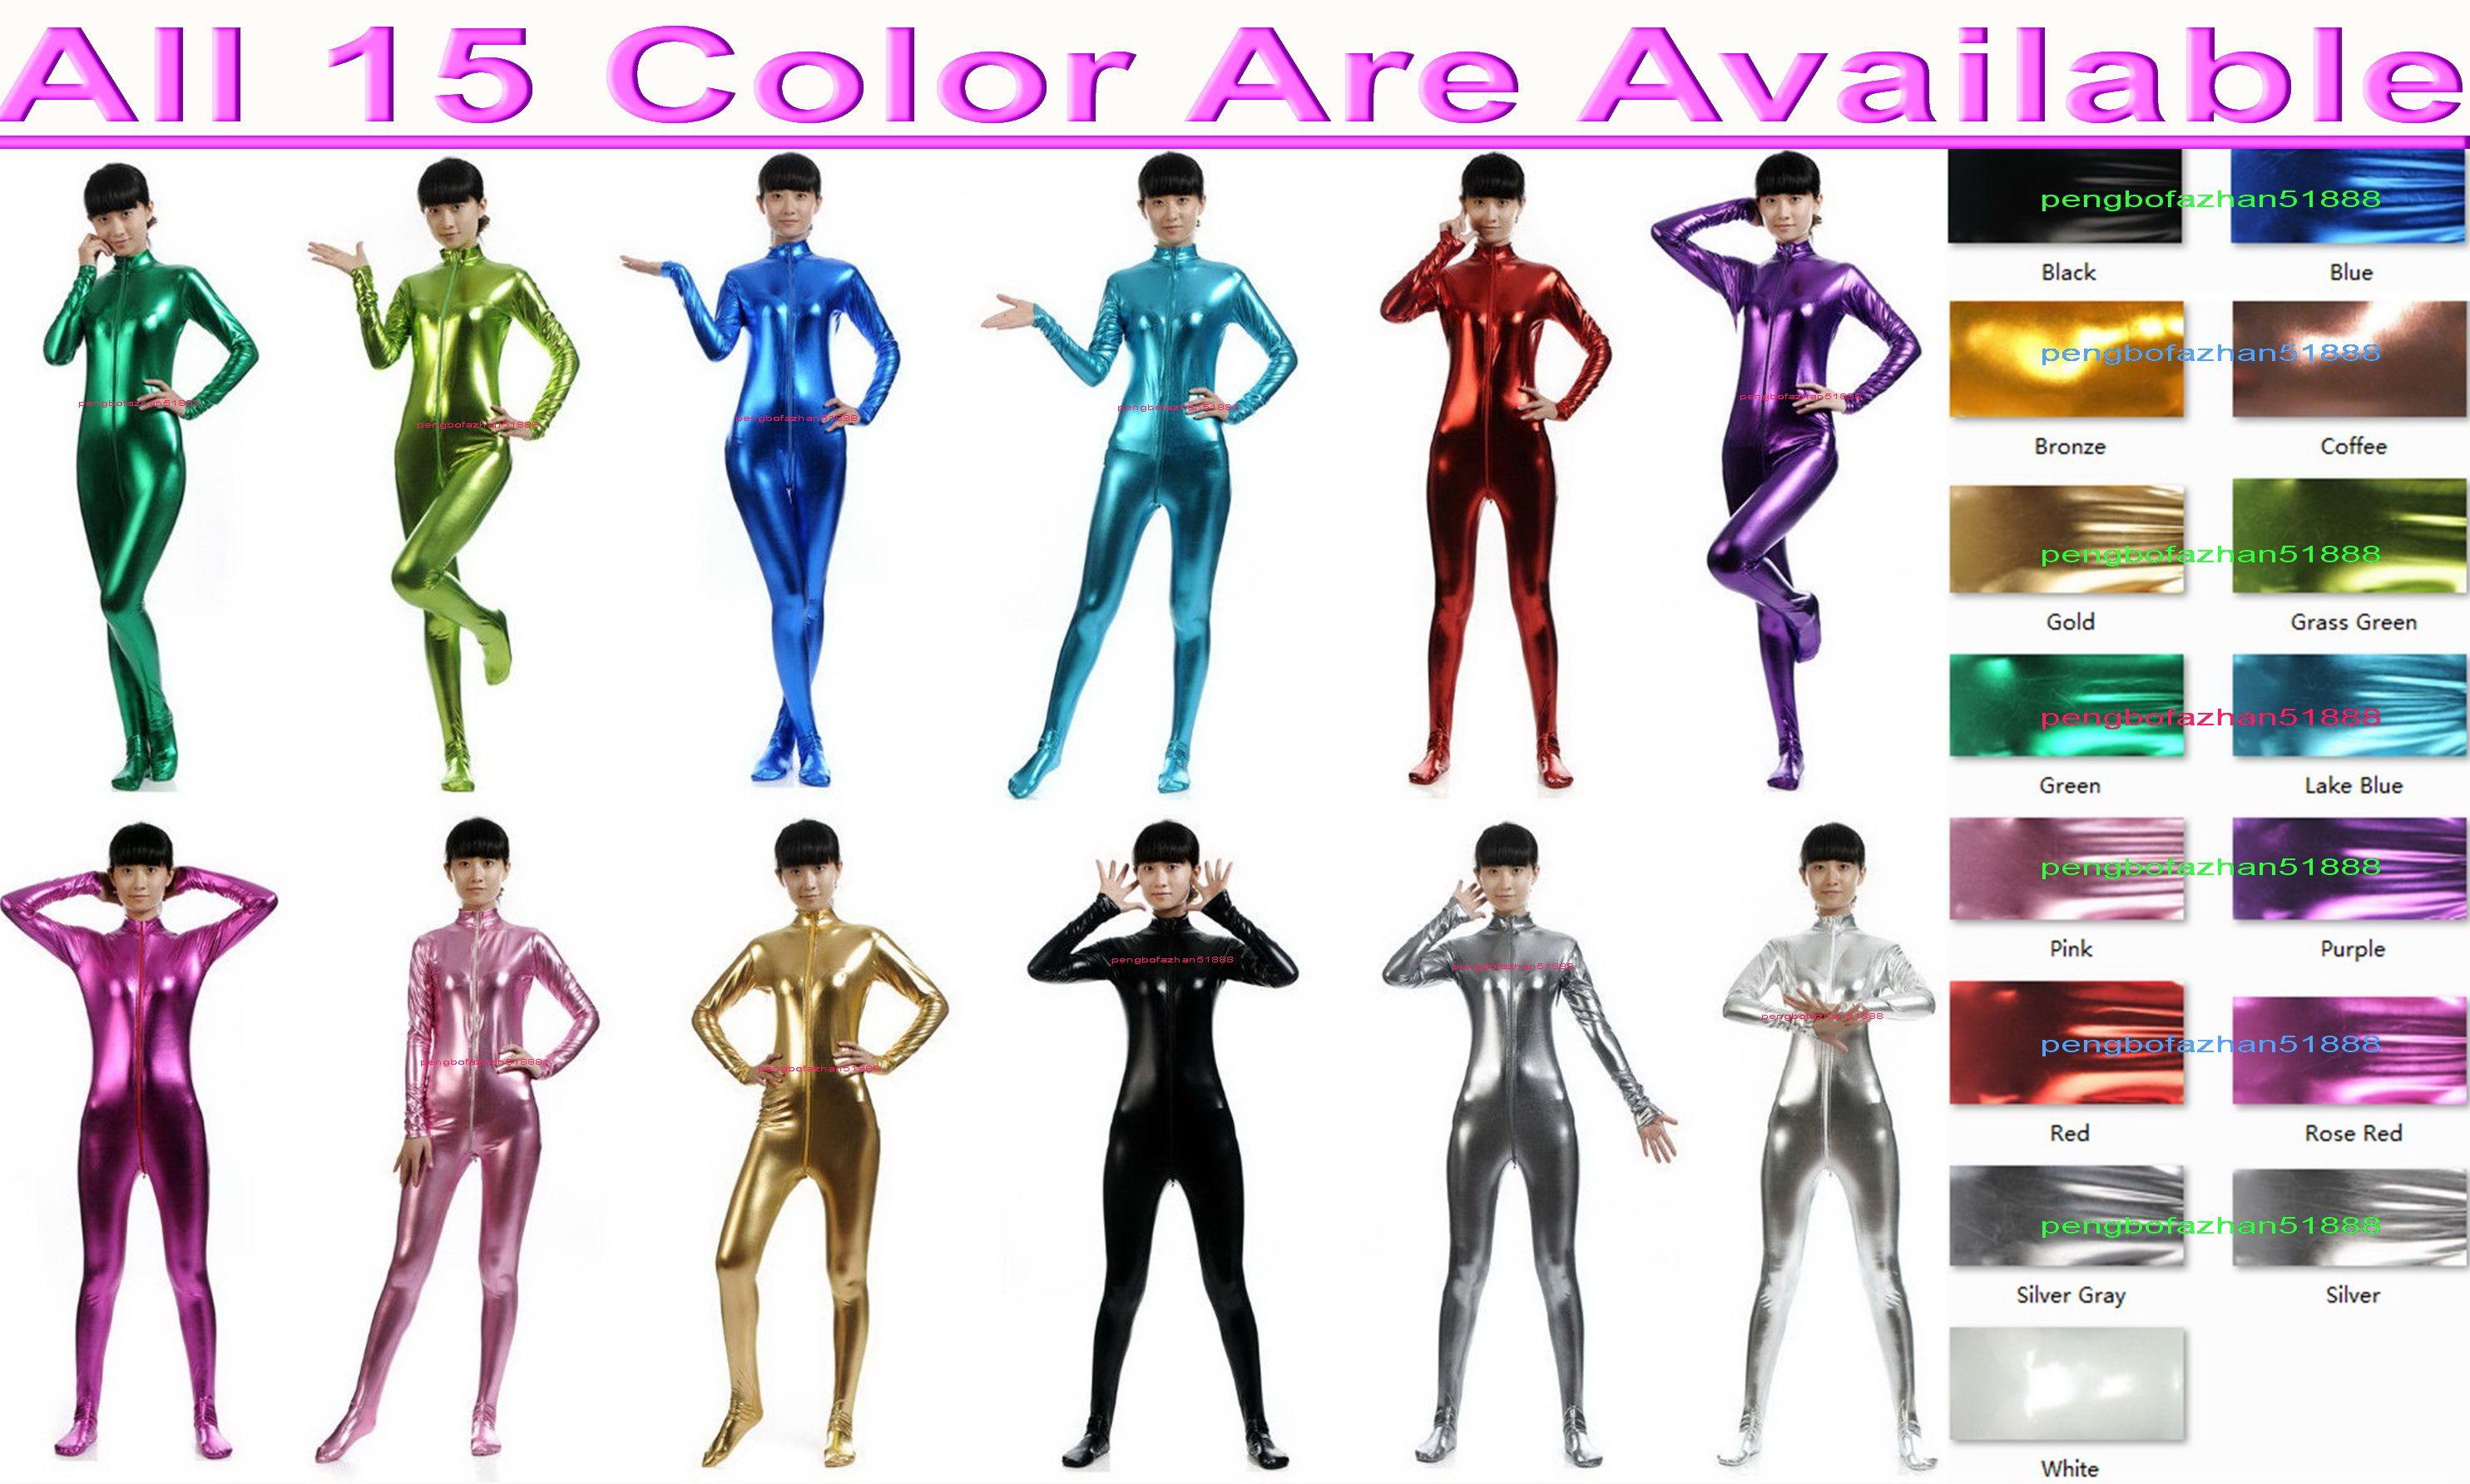 15 farbe glänzend lycra metallic frauen catsuit kostüm vorne langen reißverschluss sexy frauen body anzug kostüme kein kopf / hand halloween party fantastische kleid cosplay bodysuit p007